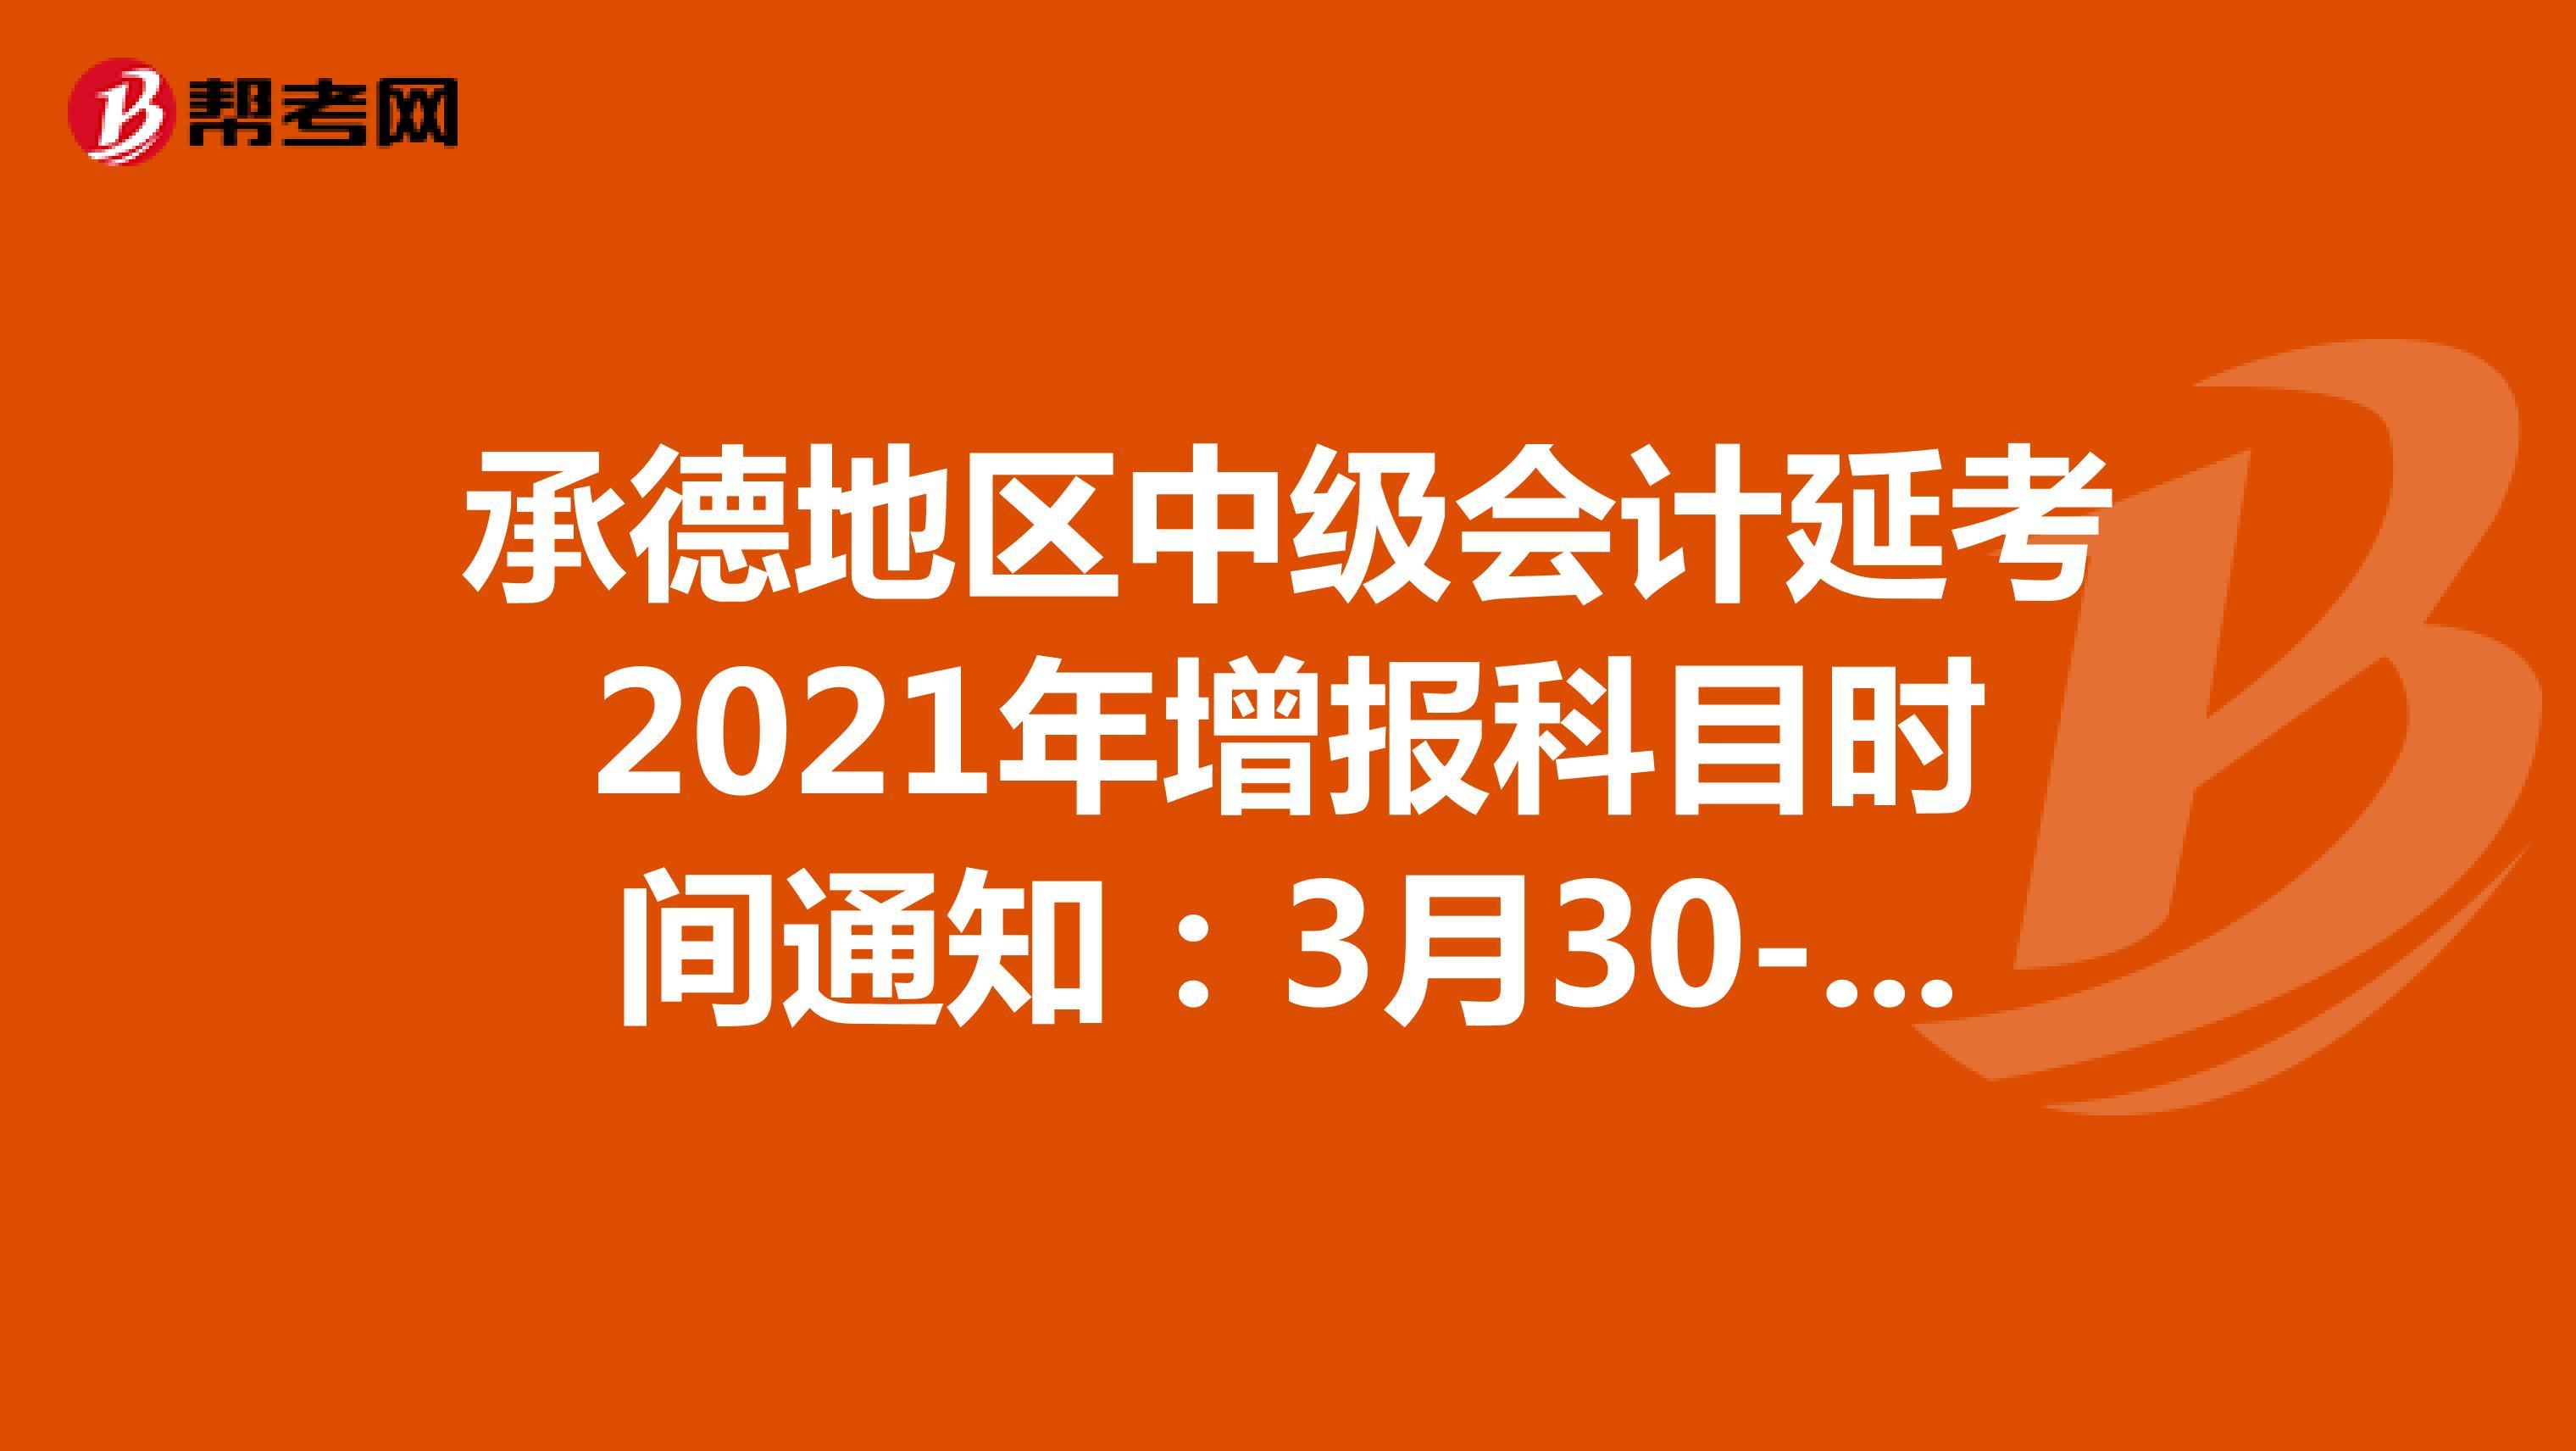 承德地区中级会计延考2021年增报科目时间通知:3月30-31日